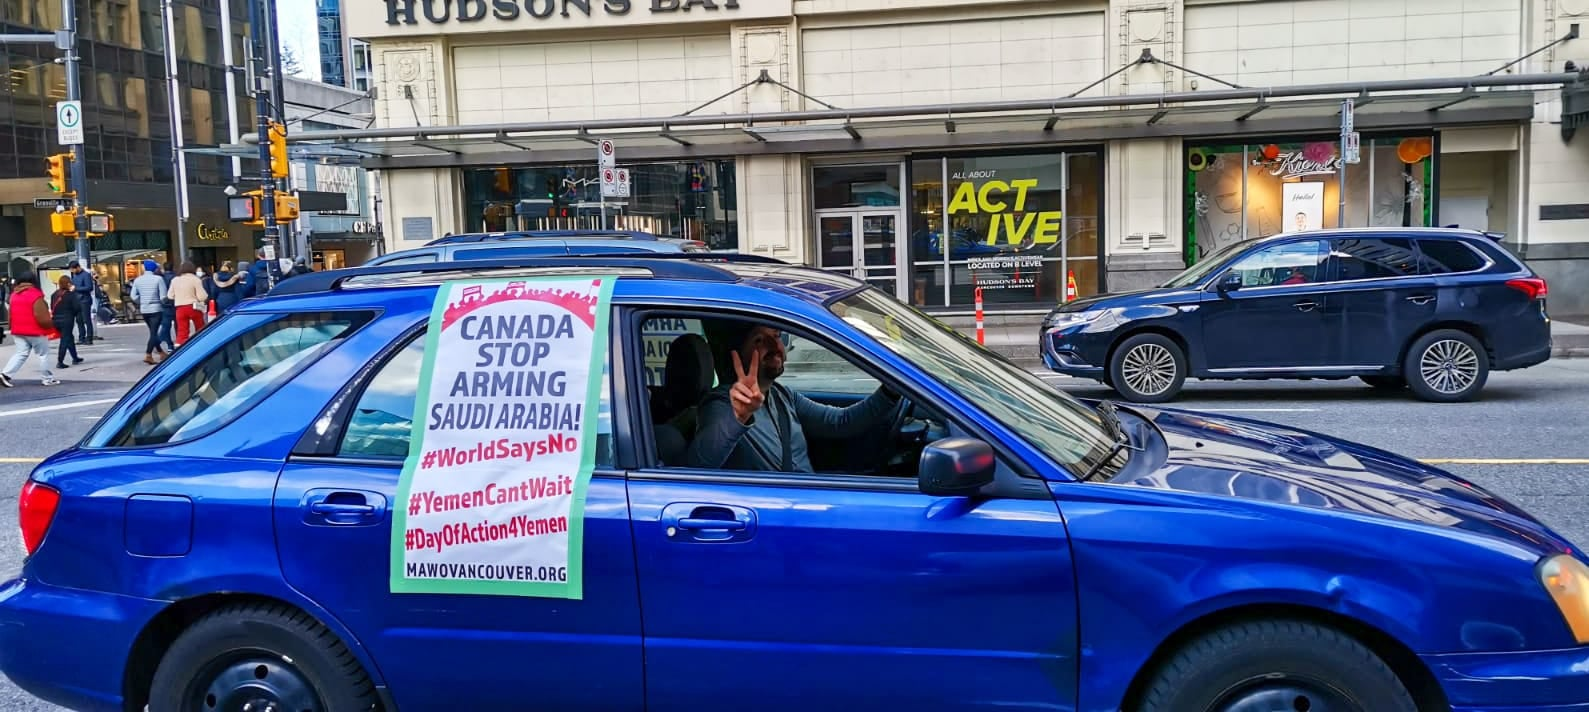 Caravane d'auto -Vancouver, MAWO, contre la guerre au Yémen, le 24-01-2021